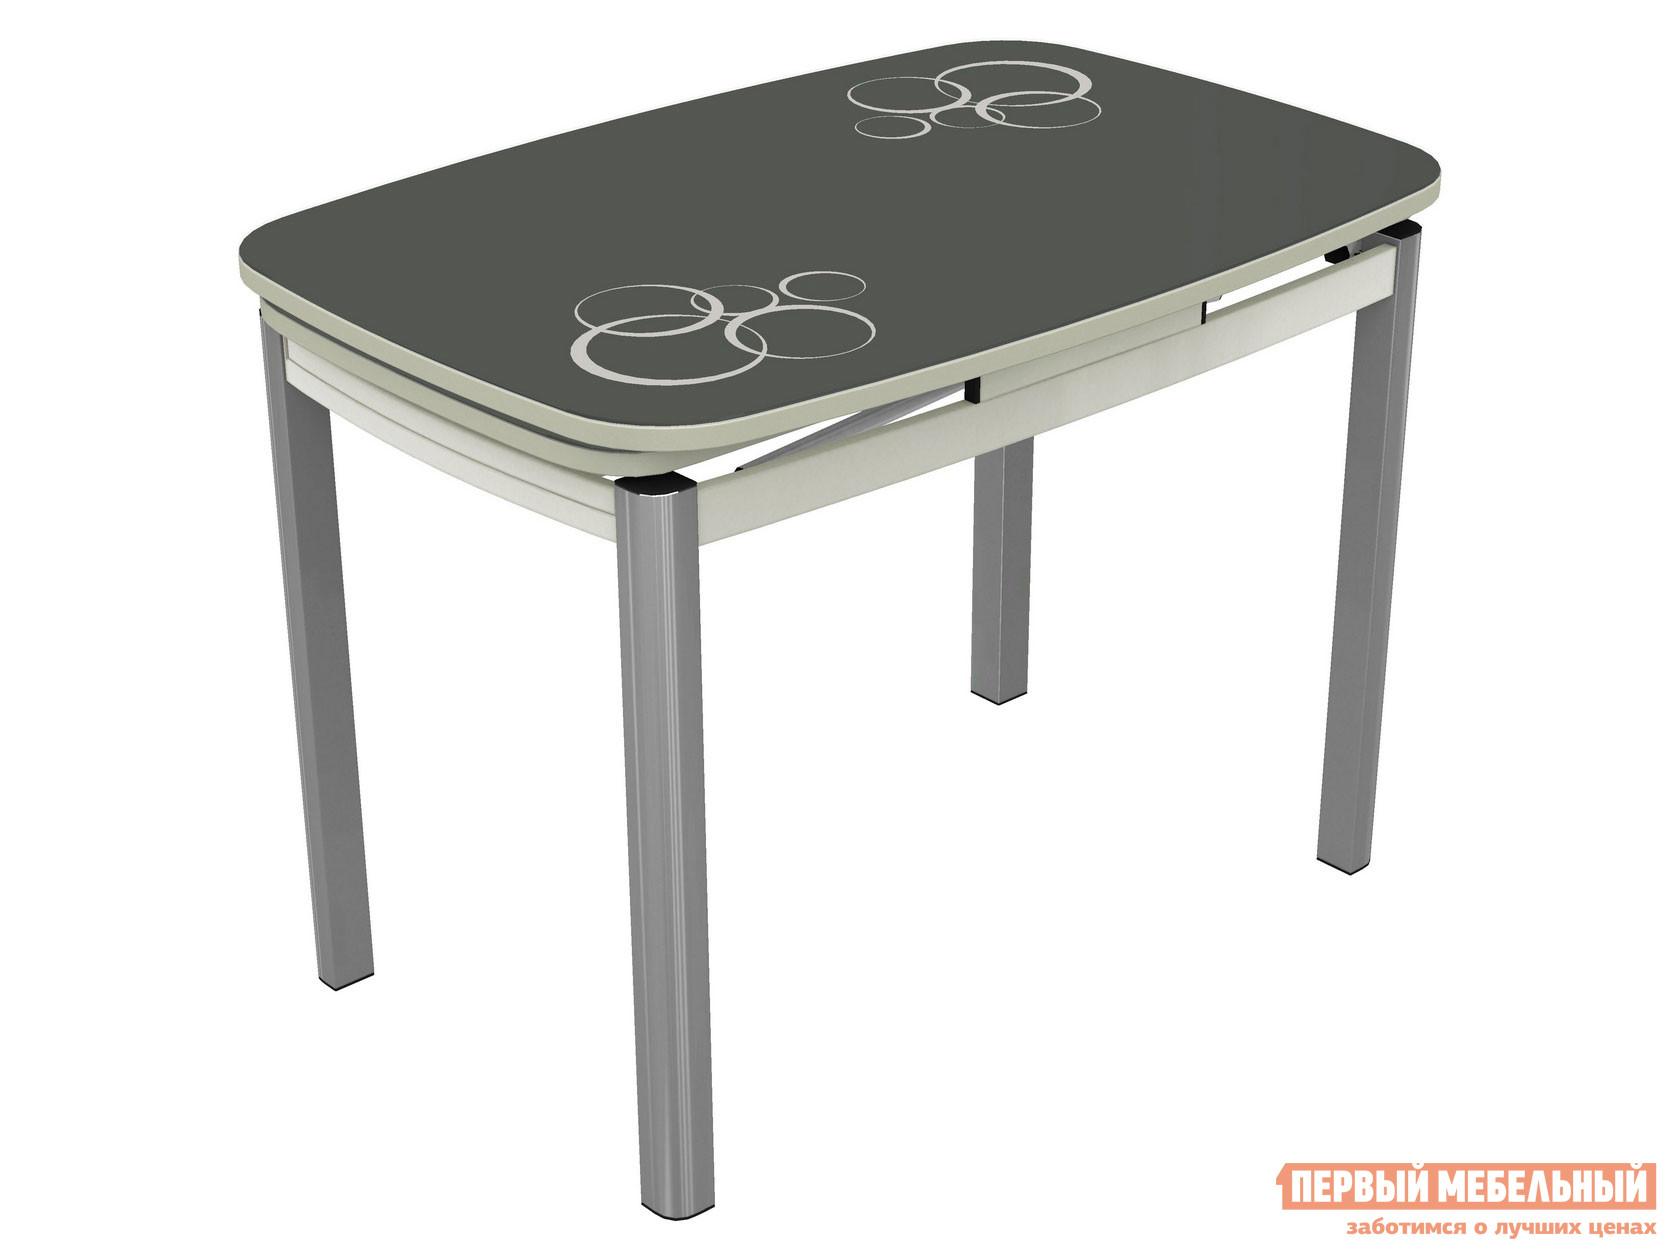 Обеденный стол Линоторг Харбин - Рисунок обеденный стол линоторг харбин стекло